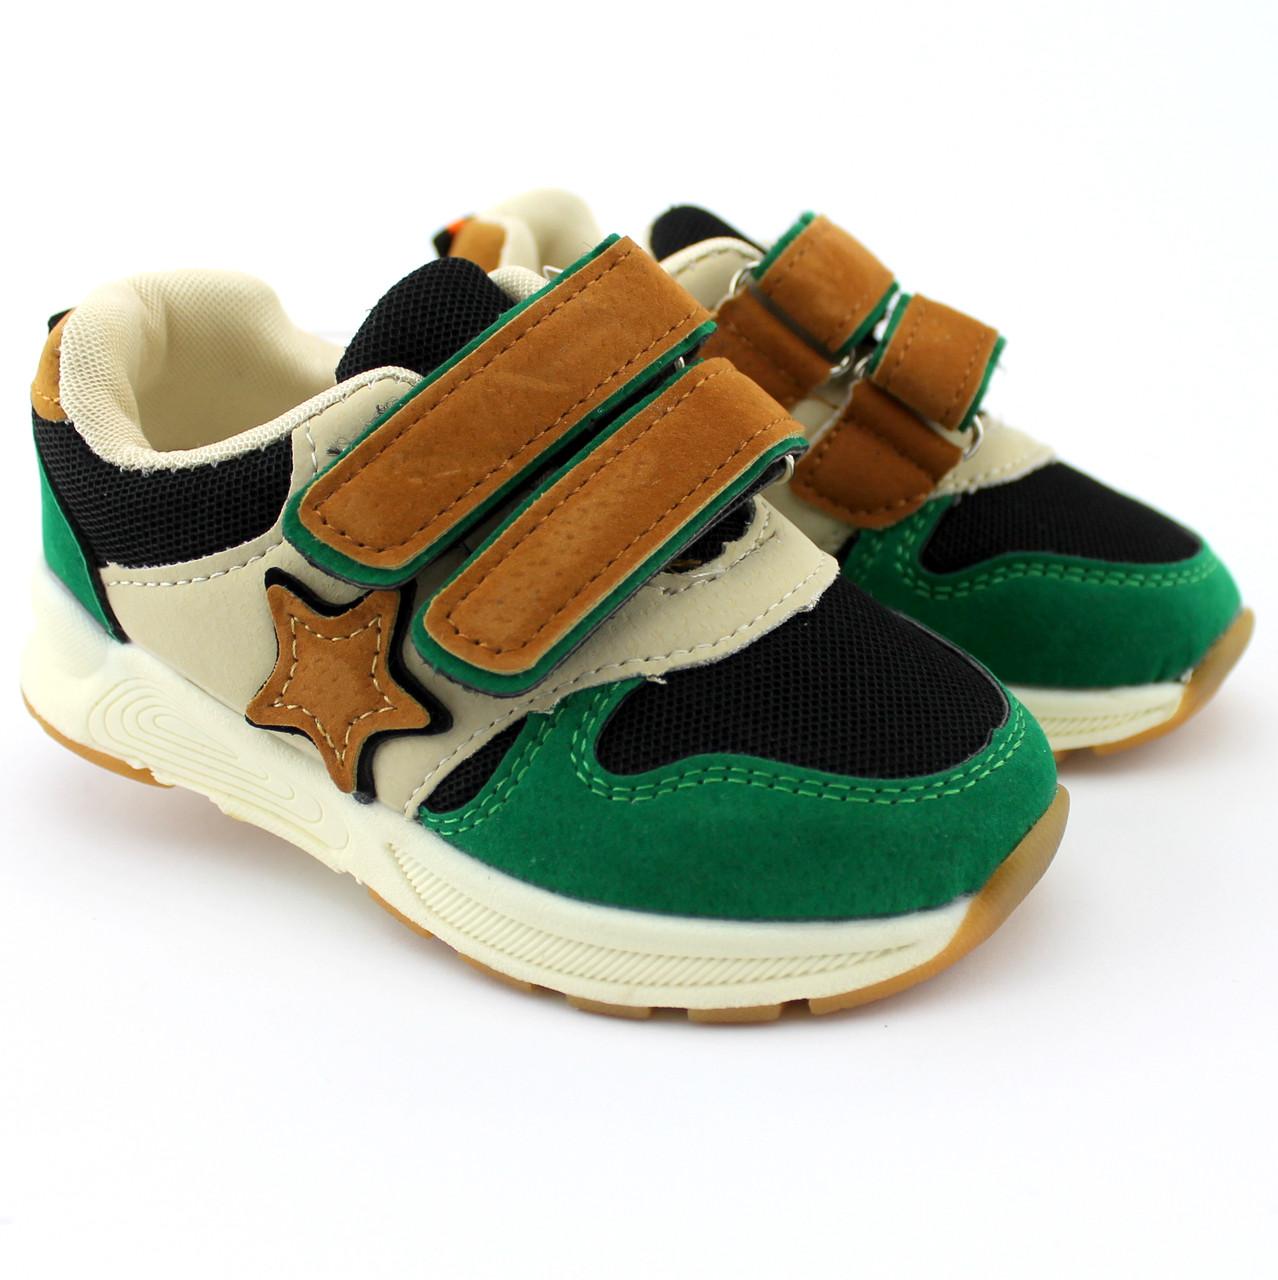 ea7cf26c Детские кроссовки повседневные мальчику бренд Boyang размер 22,23 -  Style-Baby детский магазин